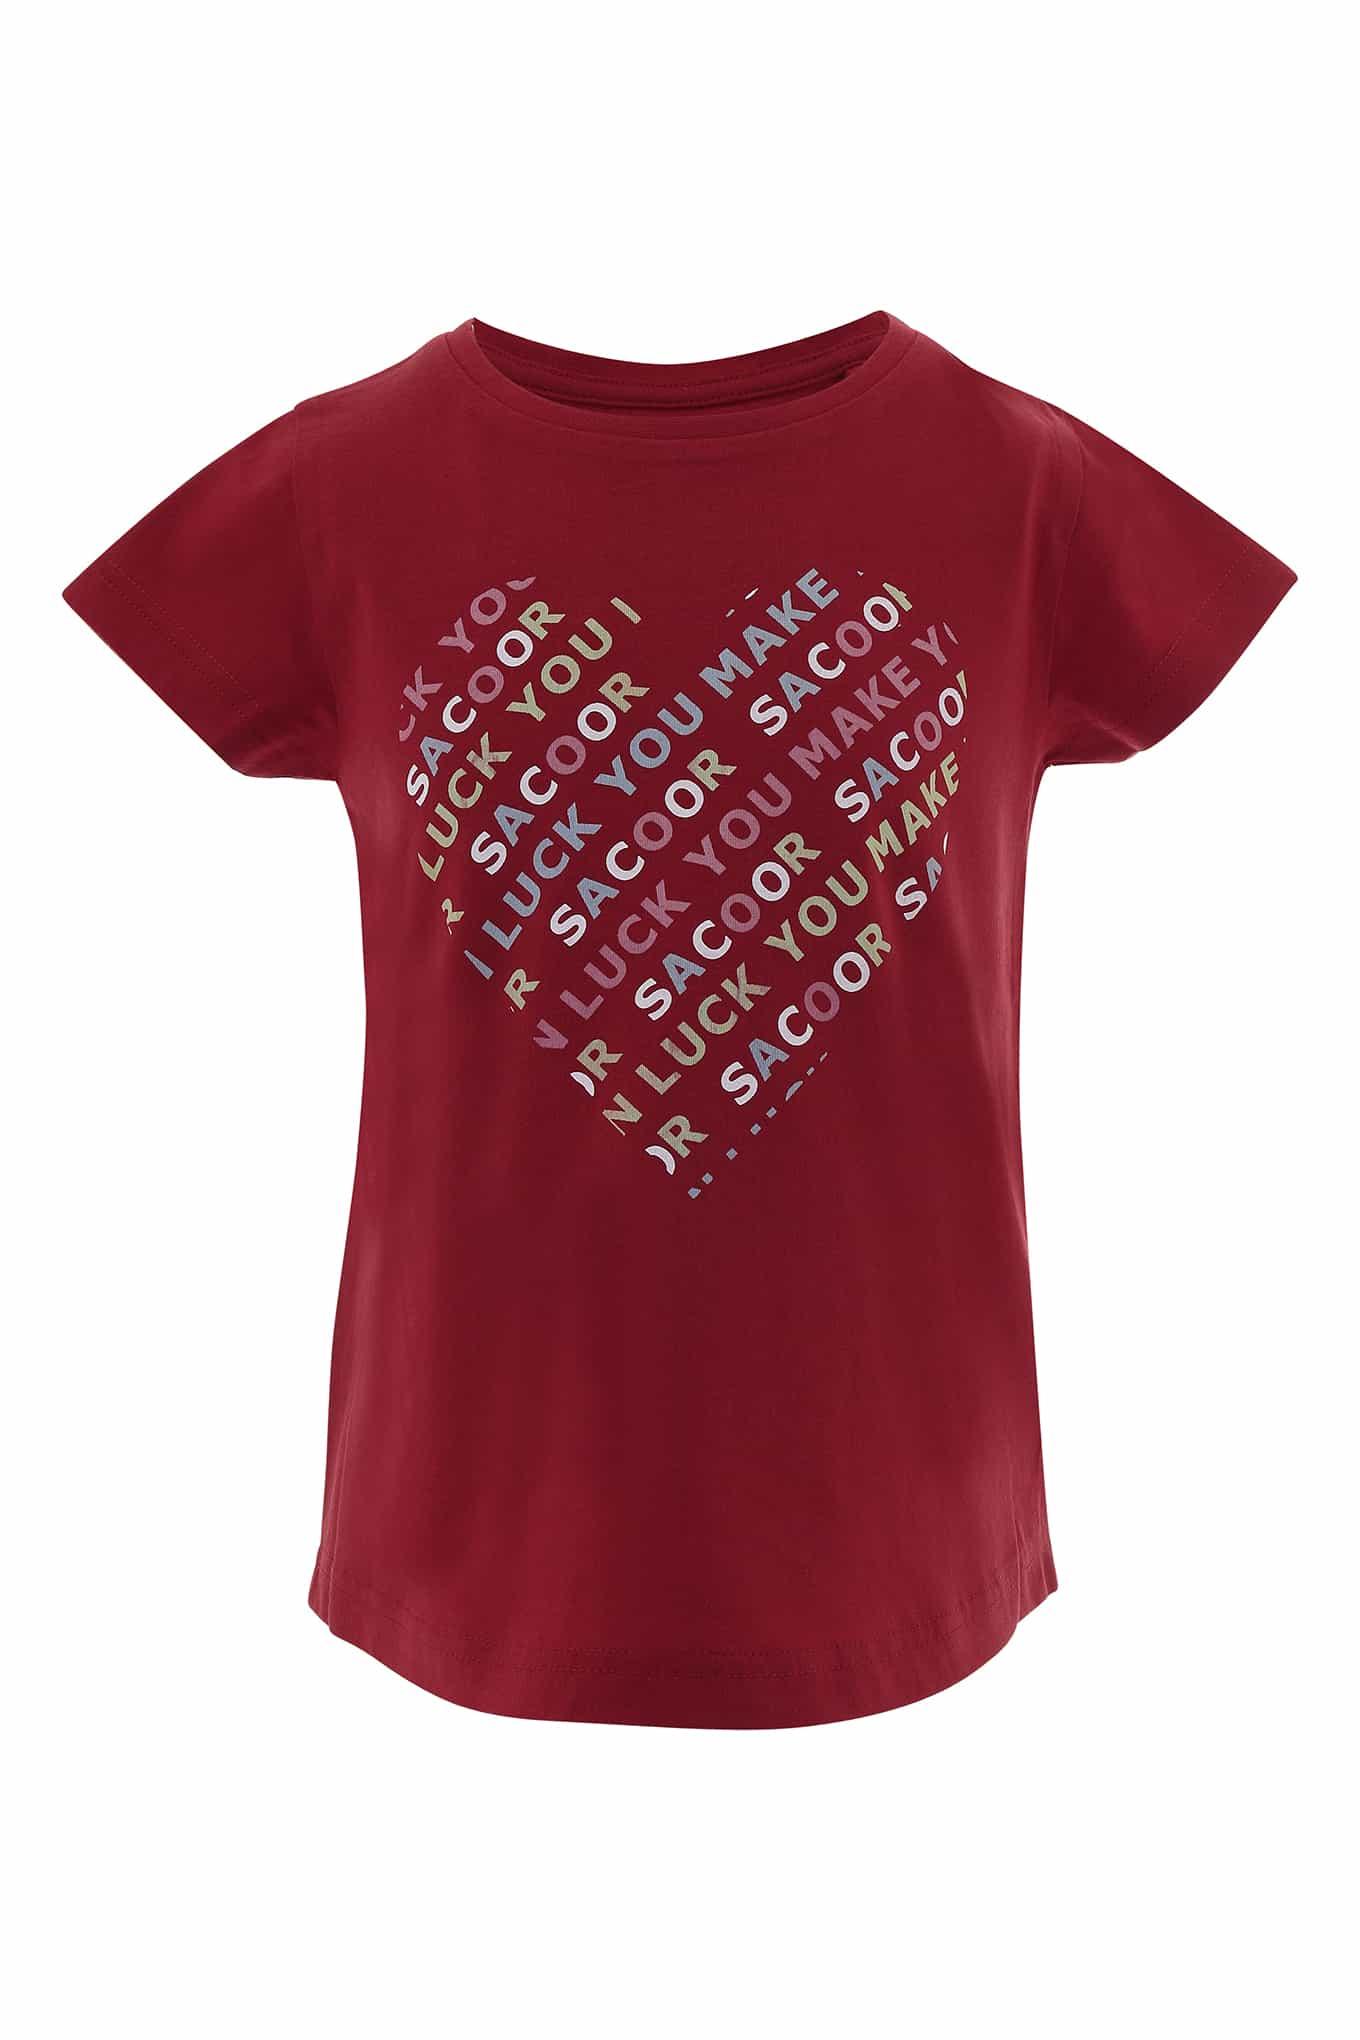 T-Shirt Vermelho Sport Rapariga